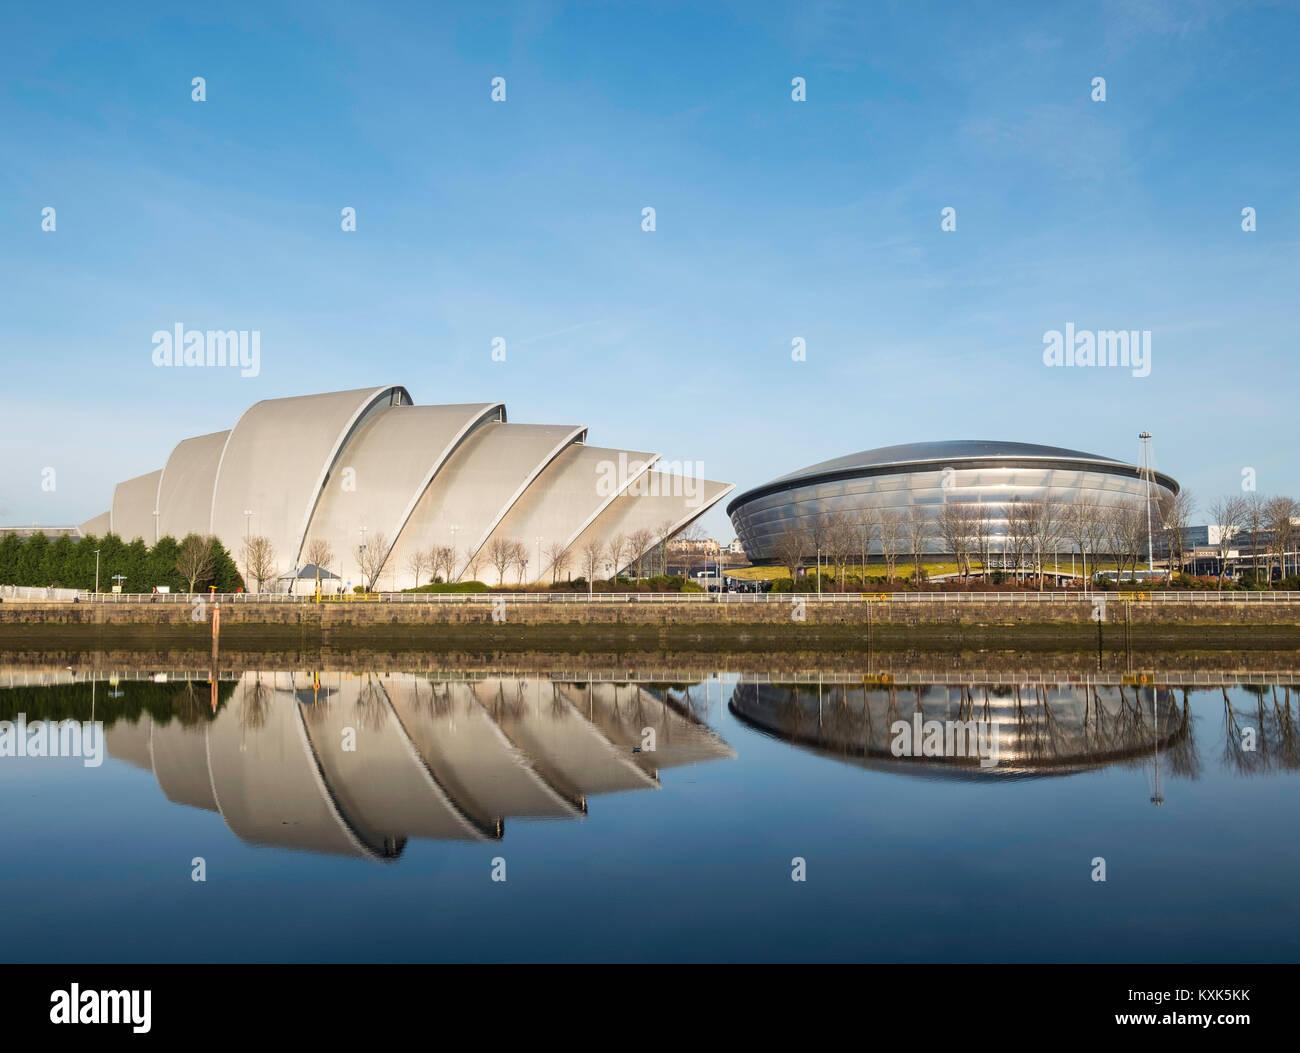 Voir d'Armadillo et SSE SEC centre Hydro arena au bord de la rivière Clyde à Glasgow , Royaume-Uni Photo Stock